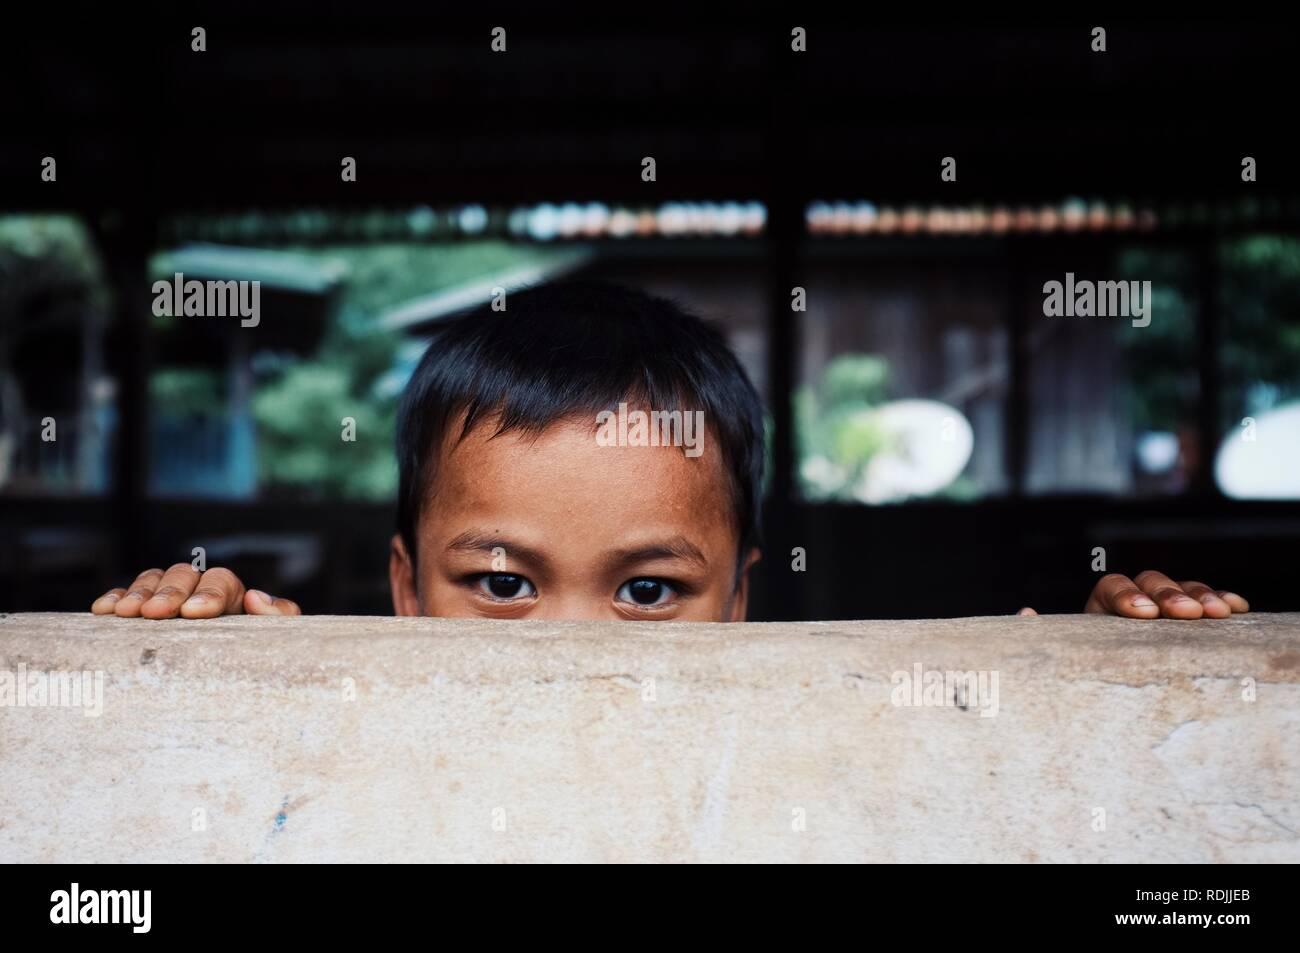 Luang Namta / Laos - Jul 06 2011: lindo chico escondido detrás de un muro pico justo encima de su cabeza Foto de stock